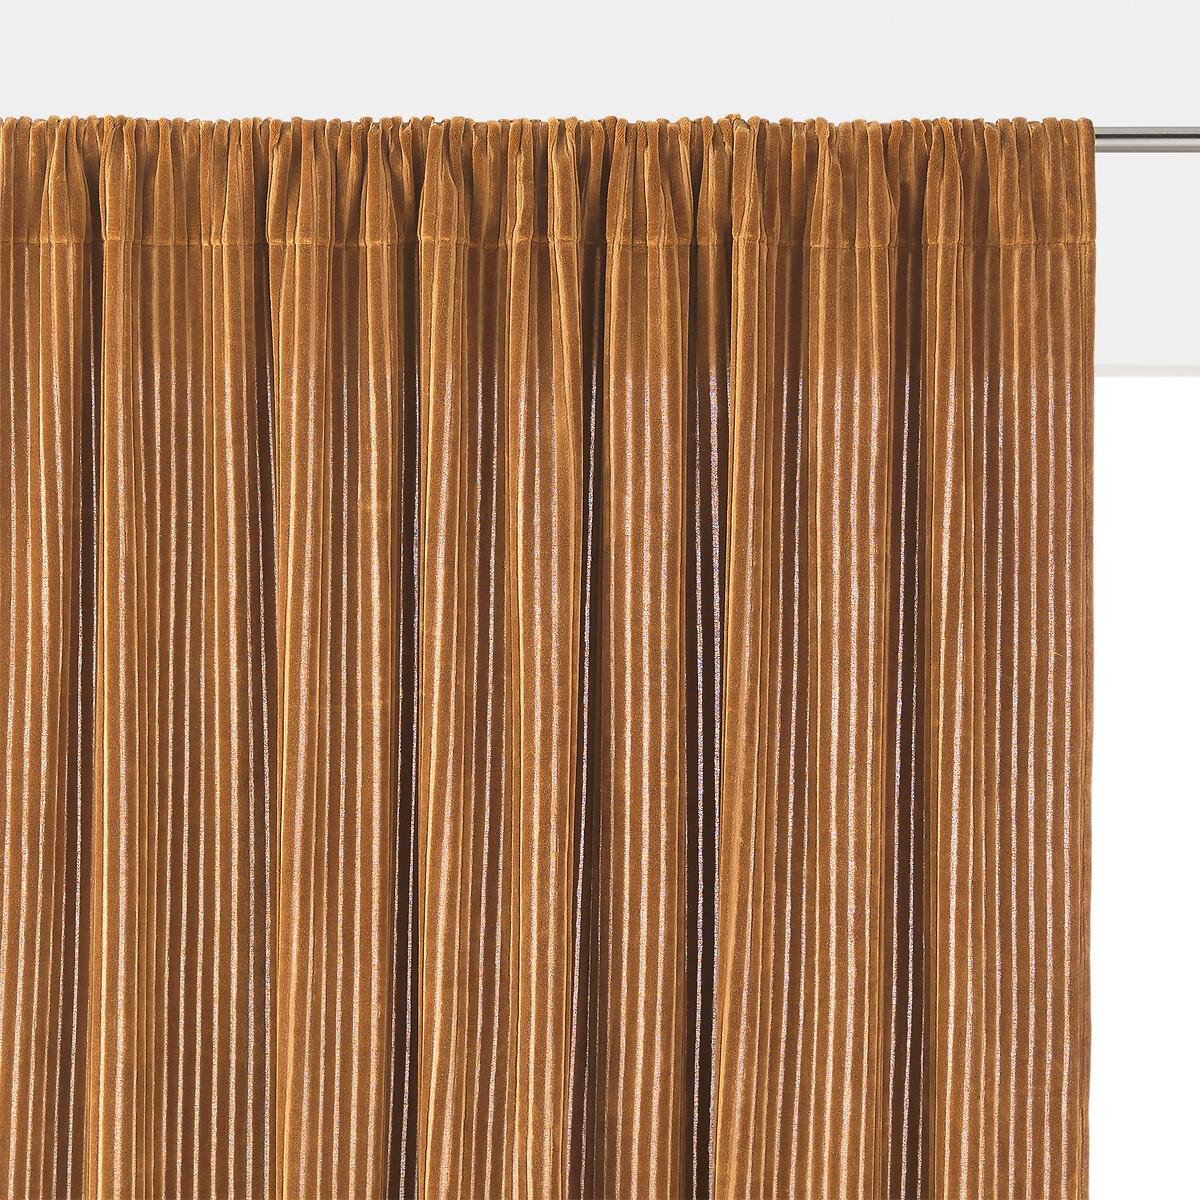 Штора LaRedoute Из рифленого велюра Corduroy 250 x 135 см каштановый